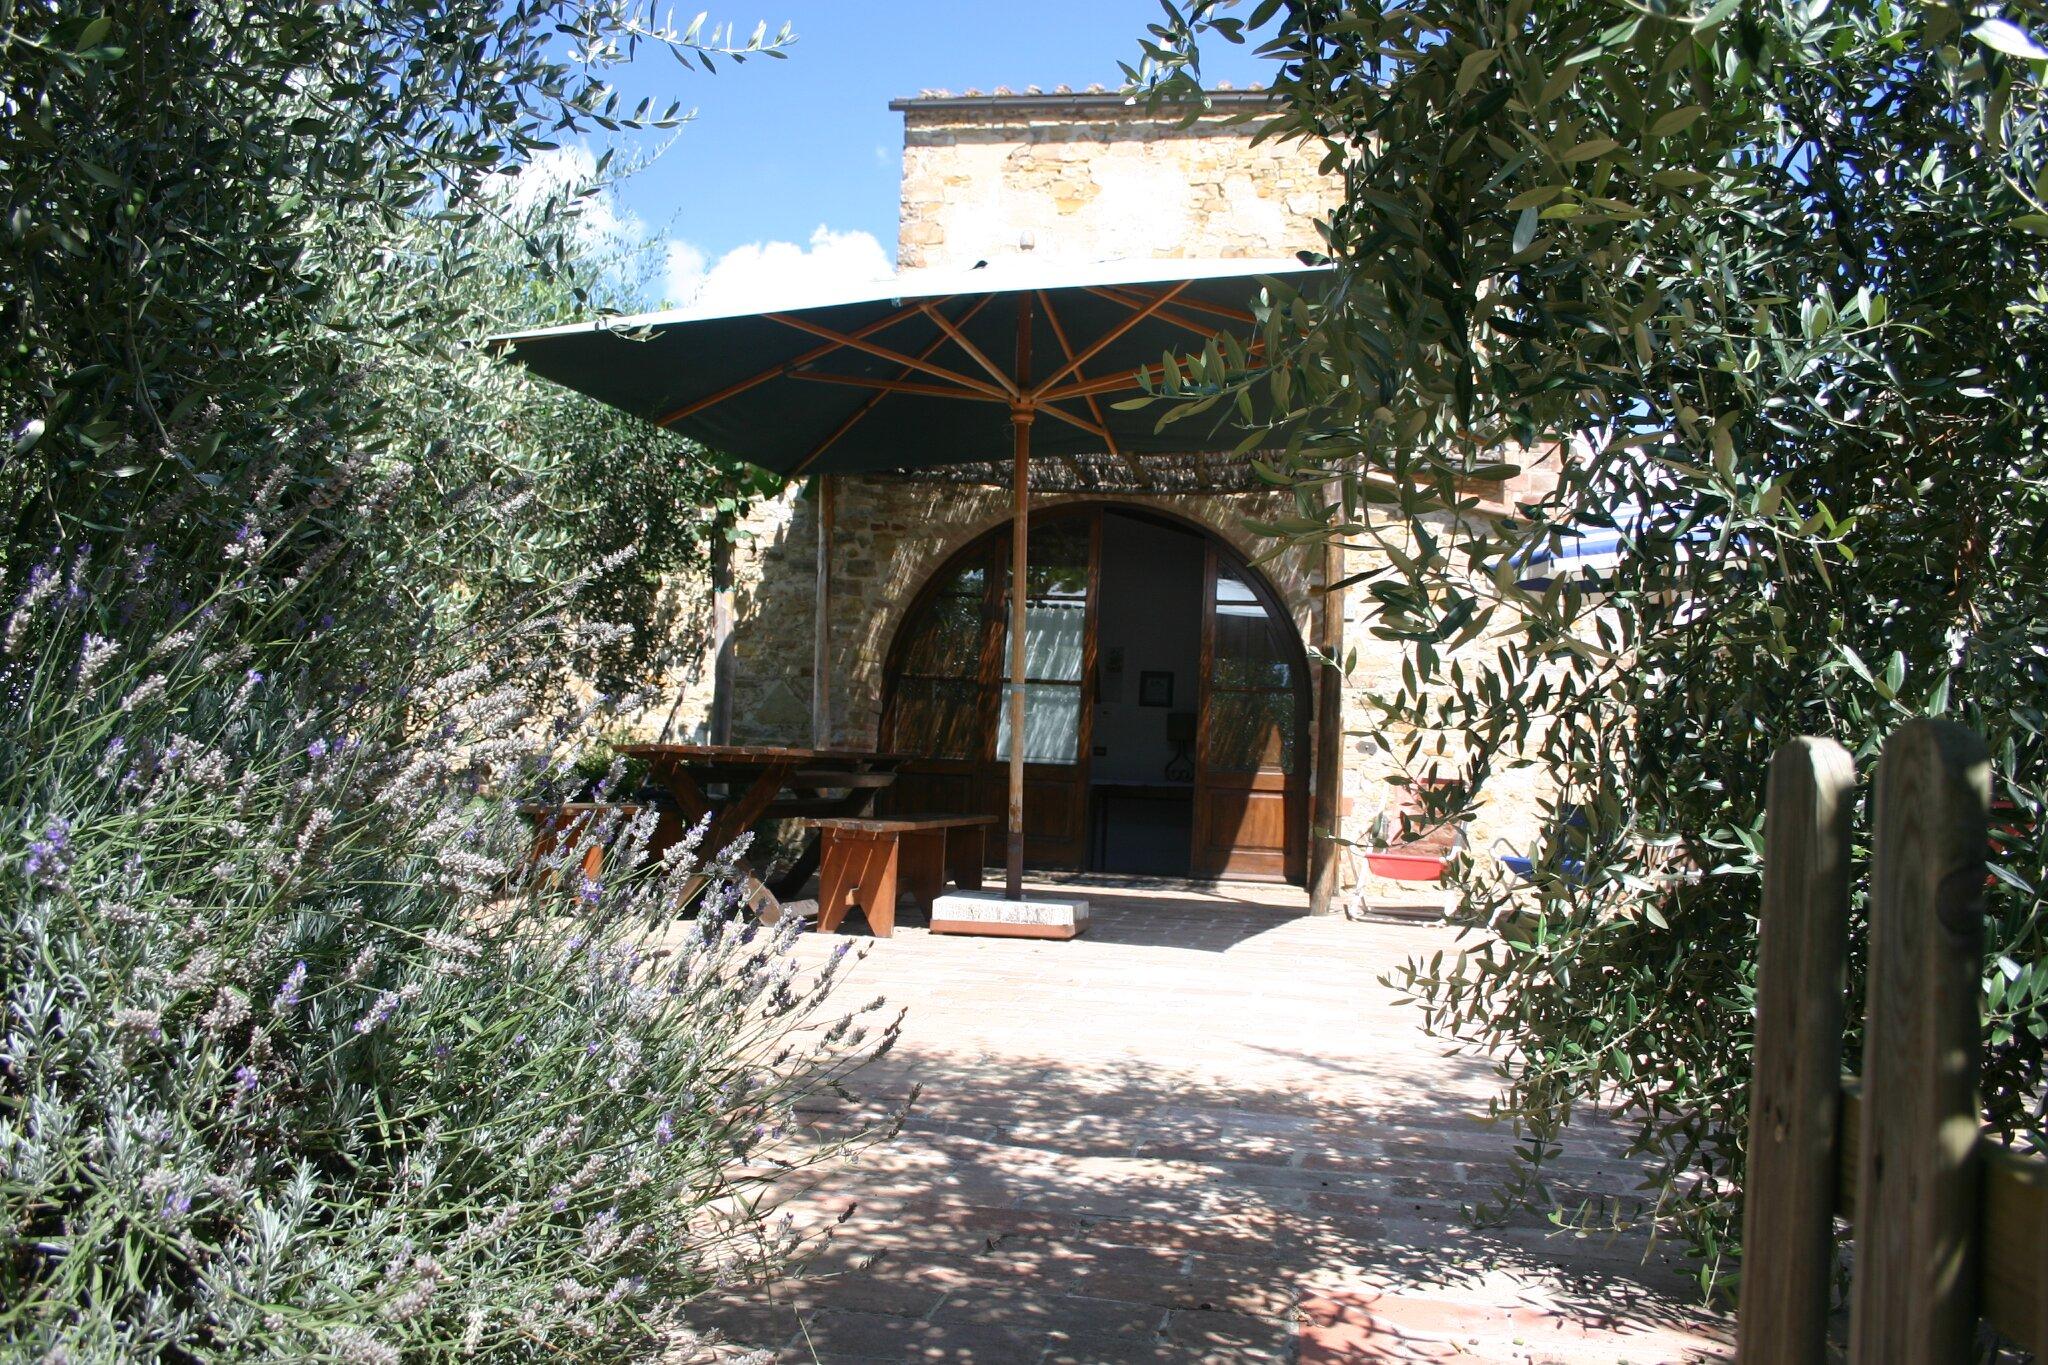 Ferienhaus AIA von der Terrasse aus